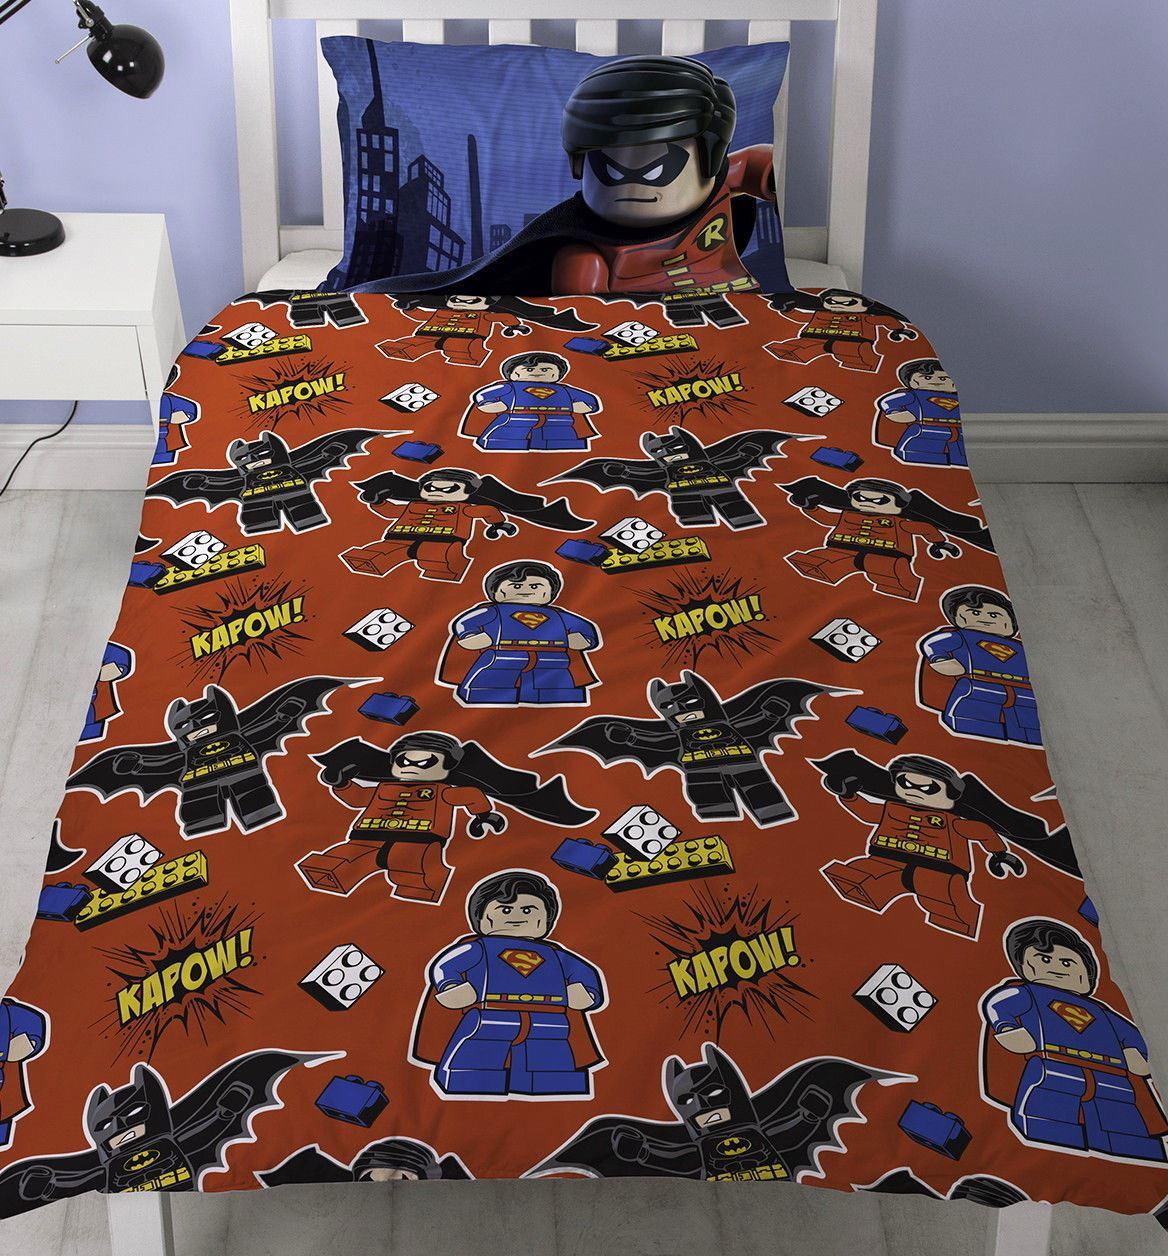 Official-Licensed-Lego-Duvet-Bedding-Ninjago-Batman-Star-Wars-Jurassic thumbnail 9